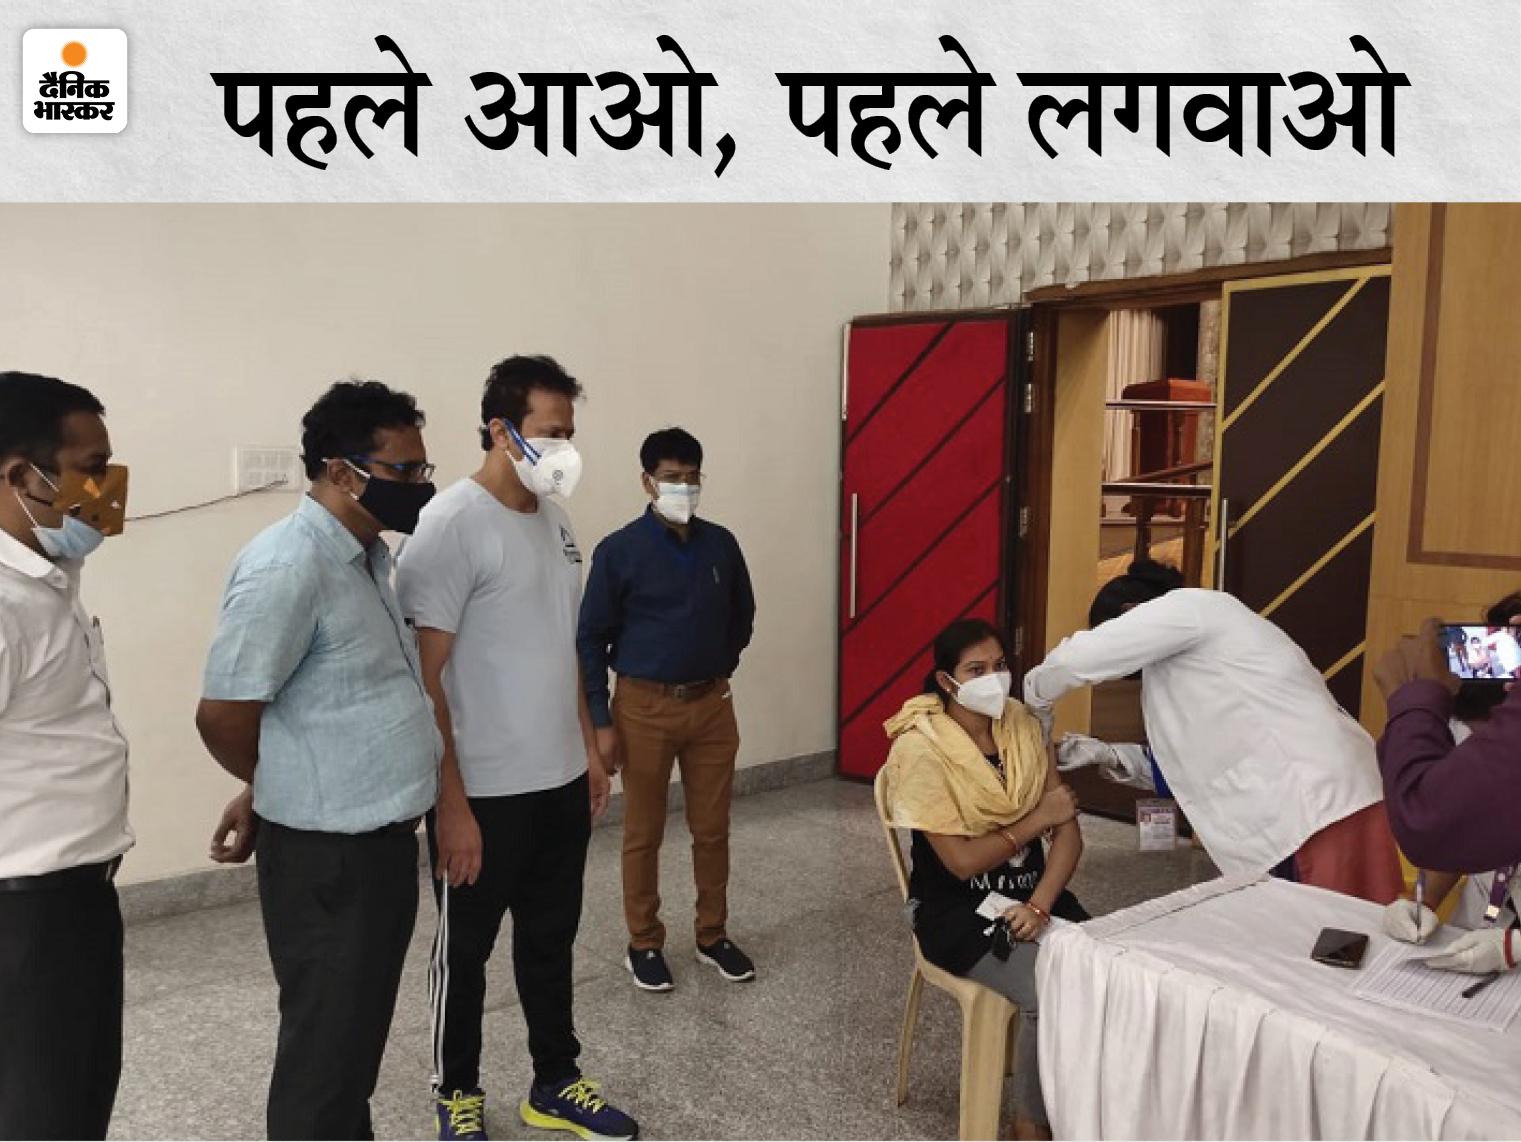 पूरे राज्य में एक दिन में 36 हजार लोगों ने लगवाया टीका, अंत्योदय के 3 हजार और APL के 21 हजार से ज्यादा लोगों ने करवाया वैक्सीनेशन रायपुर,Raipur - Dainik Bhaskar